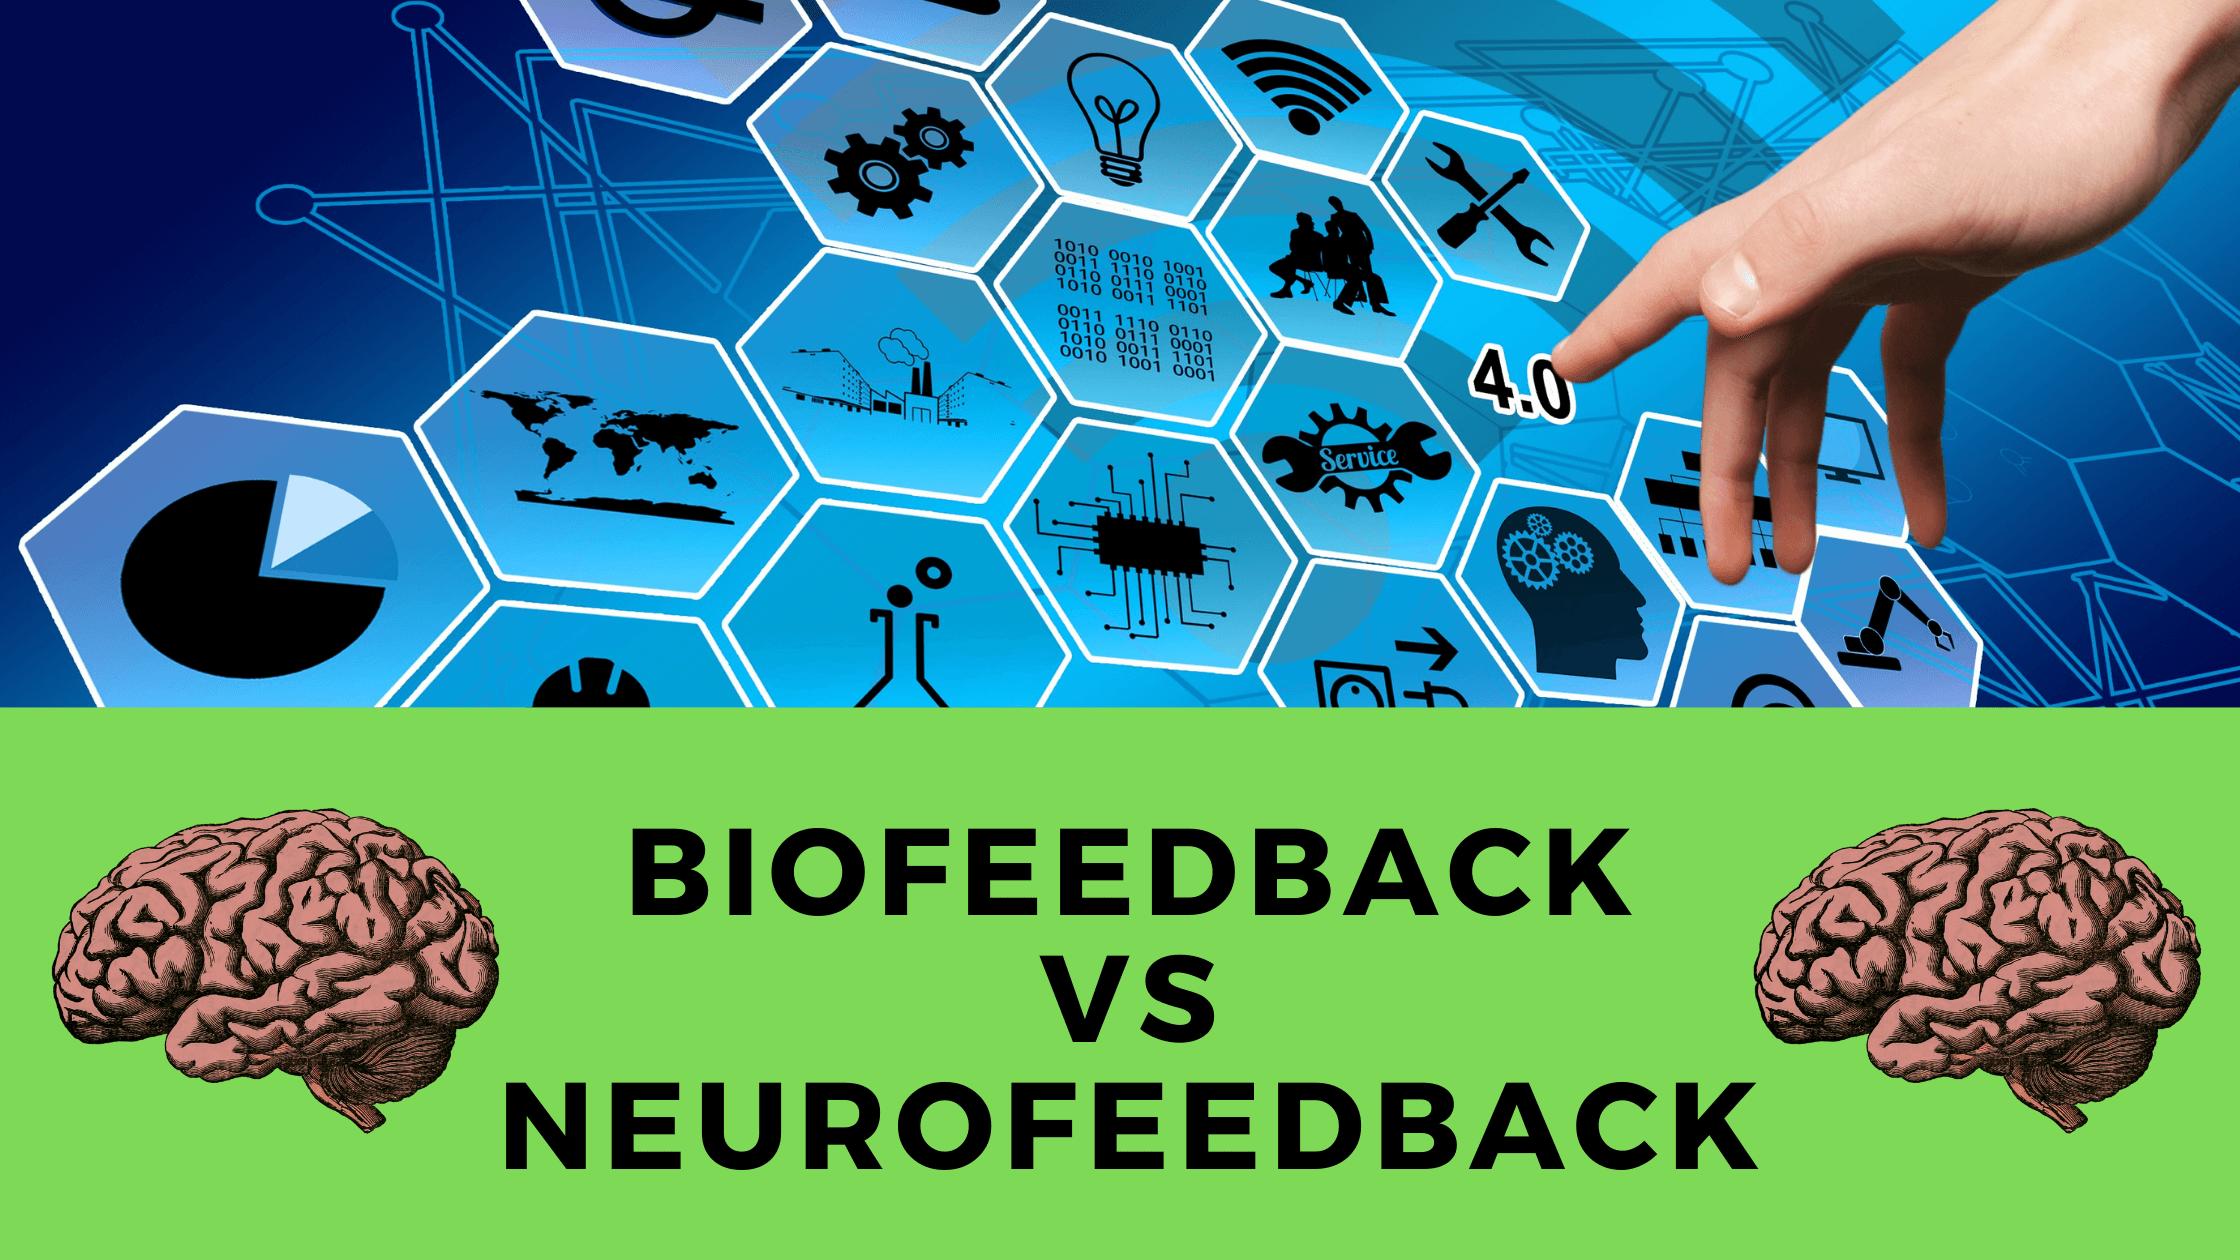 Biofeedback device brain neurofeedback